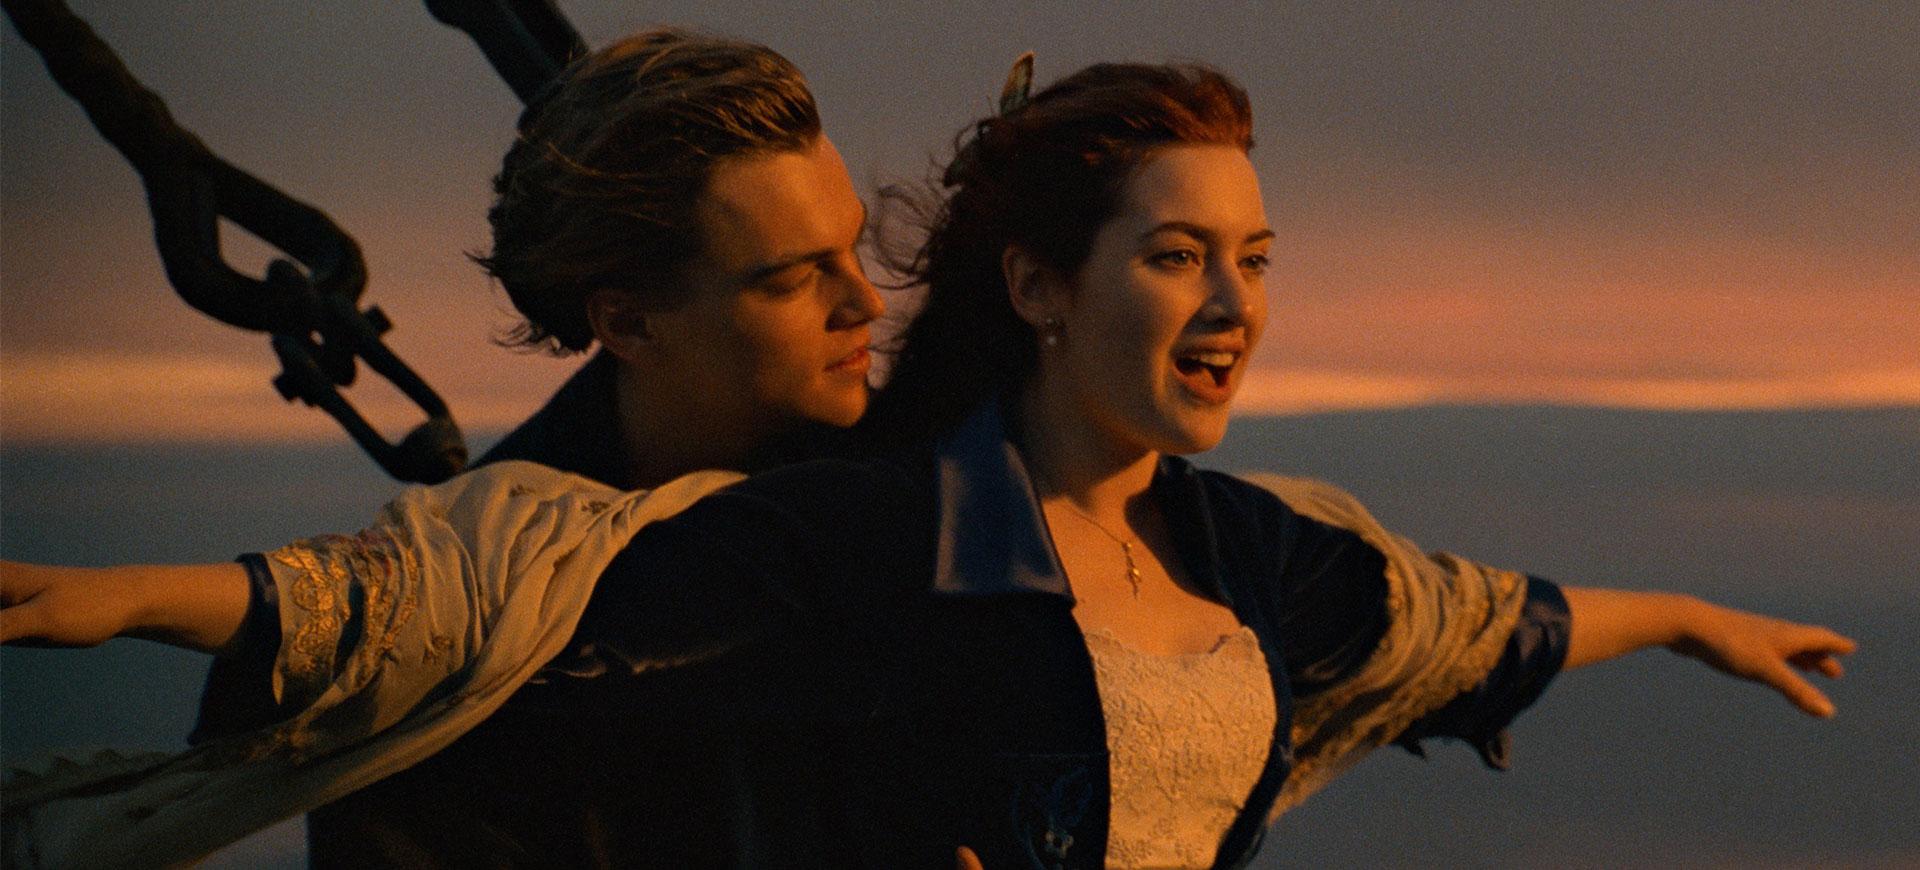 titanic inbillade sig rose att jack fanns